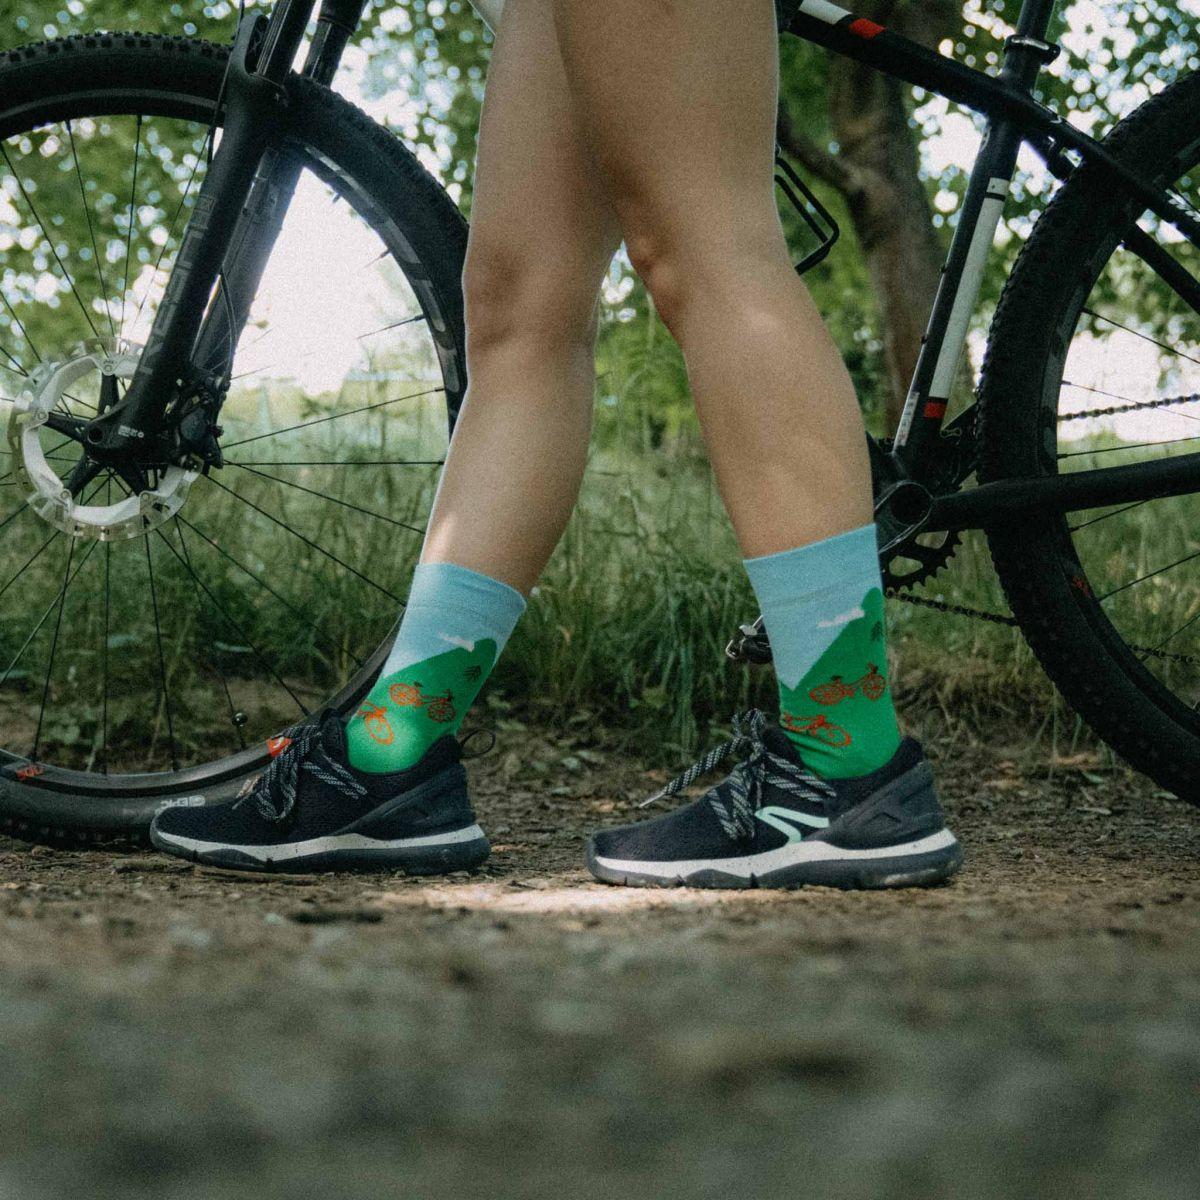 Socken - Fahrrad 2